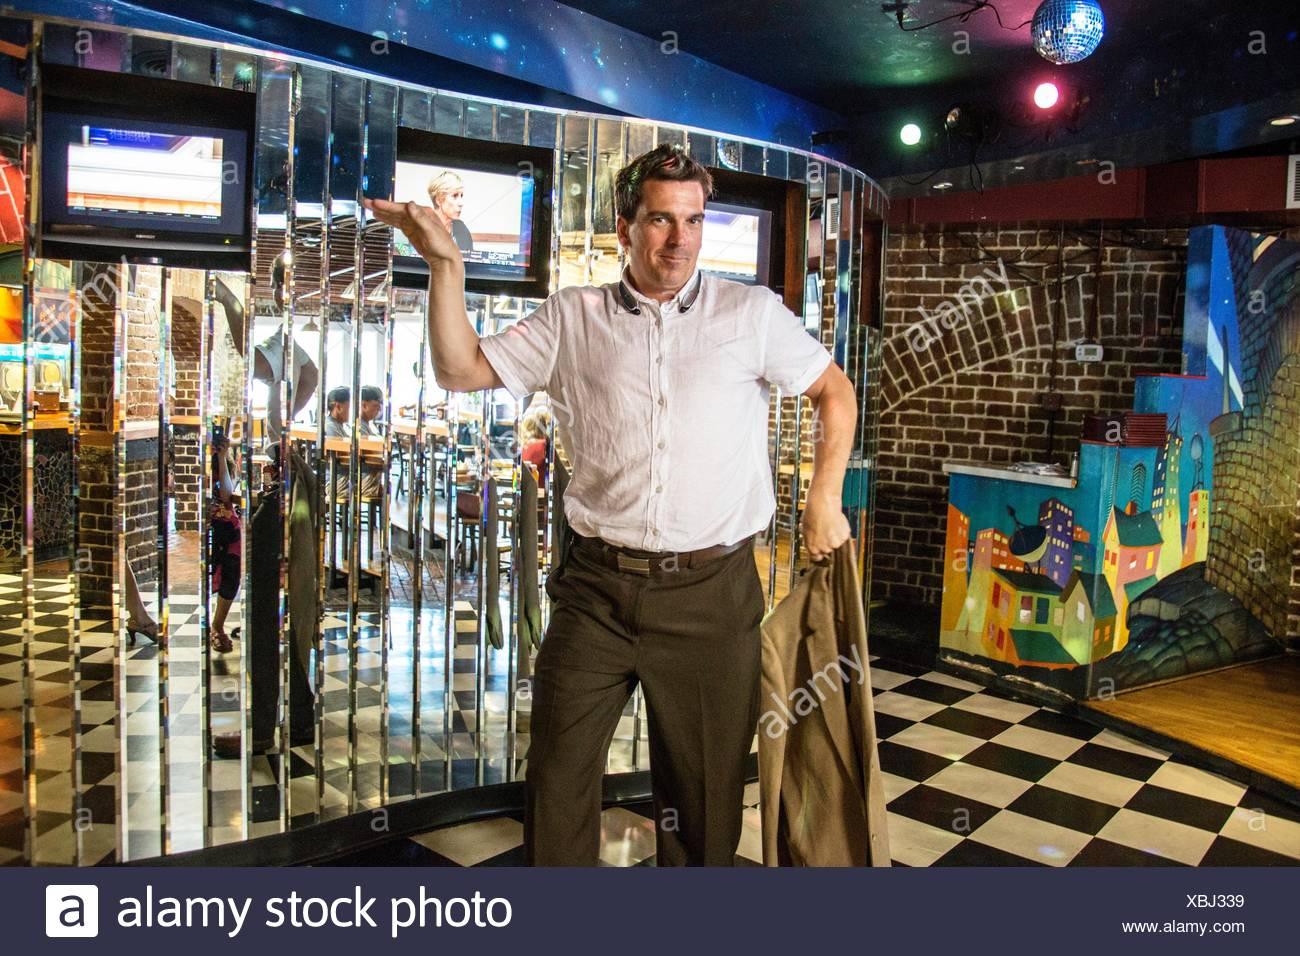 Cabello oscuro caucásica guapo padre en sus 30's 40's 50's con una camisa blanca de manga corta bailando en la discoteca, y la celebración de su chaqueta en sus manos en un Imagen De Stock